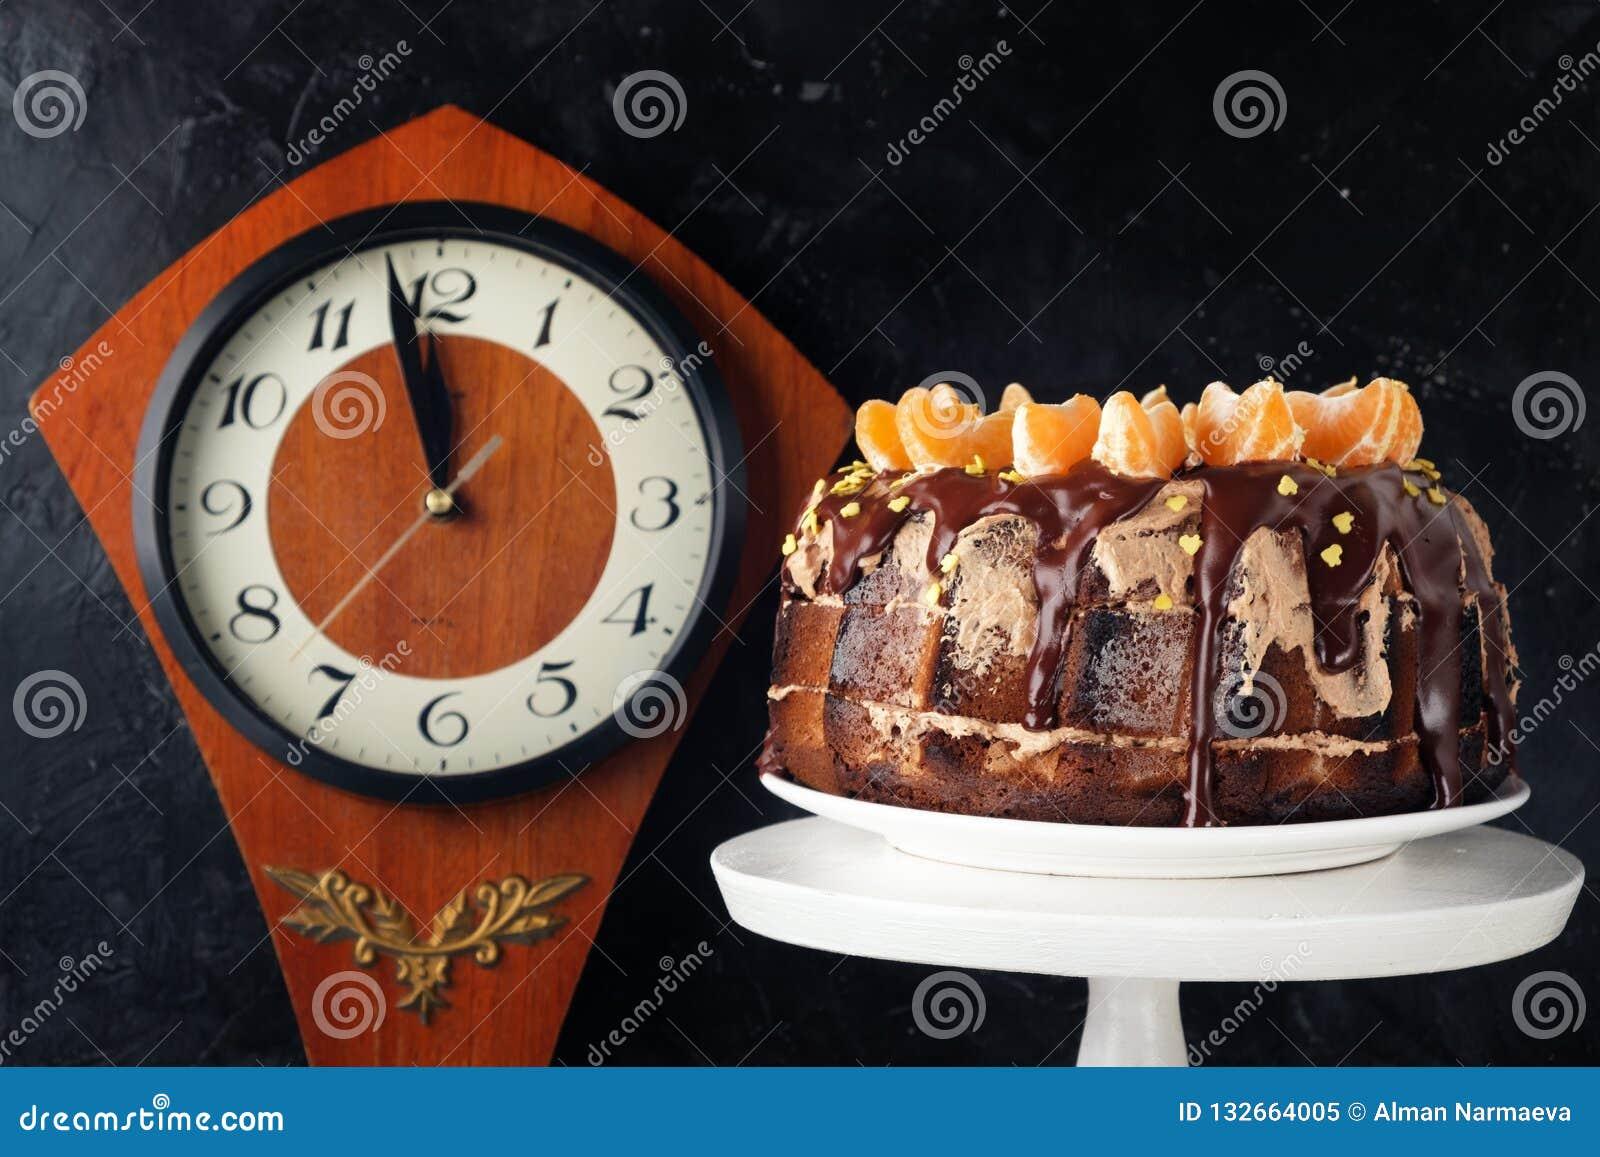 Gâteau de dessert avec le glaçage de chocolat décoré des mandarines sur un fond noir Horloge en bois